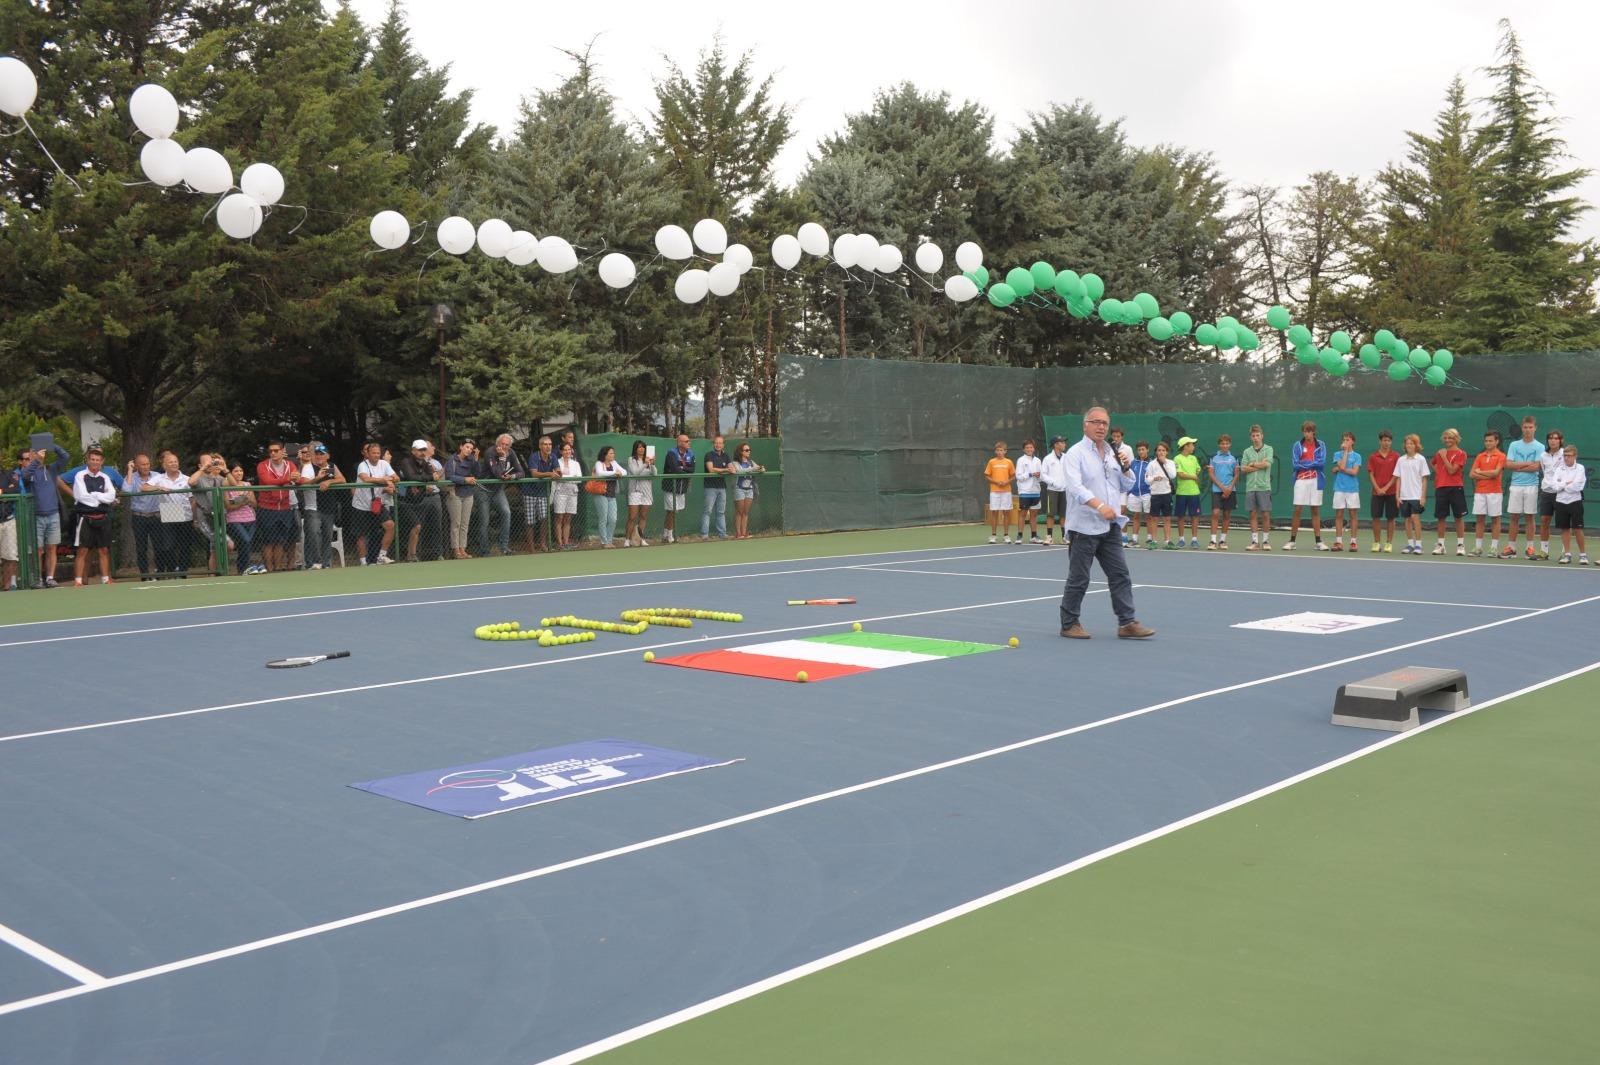 Ad agosto i Campionati Italiani Juniores sui campi della Tennis Team Avezzano